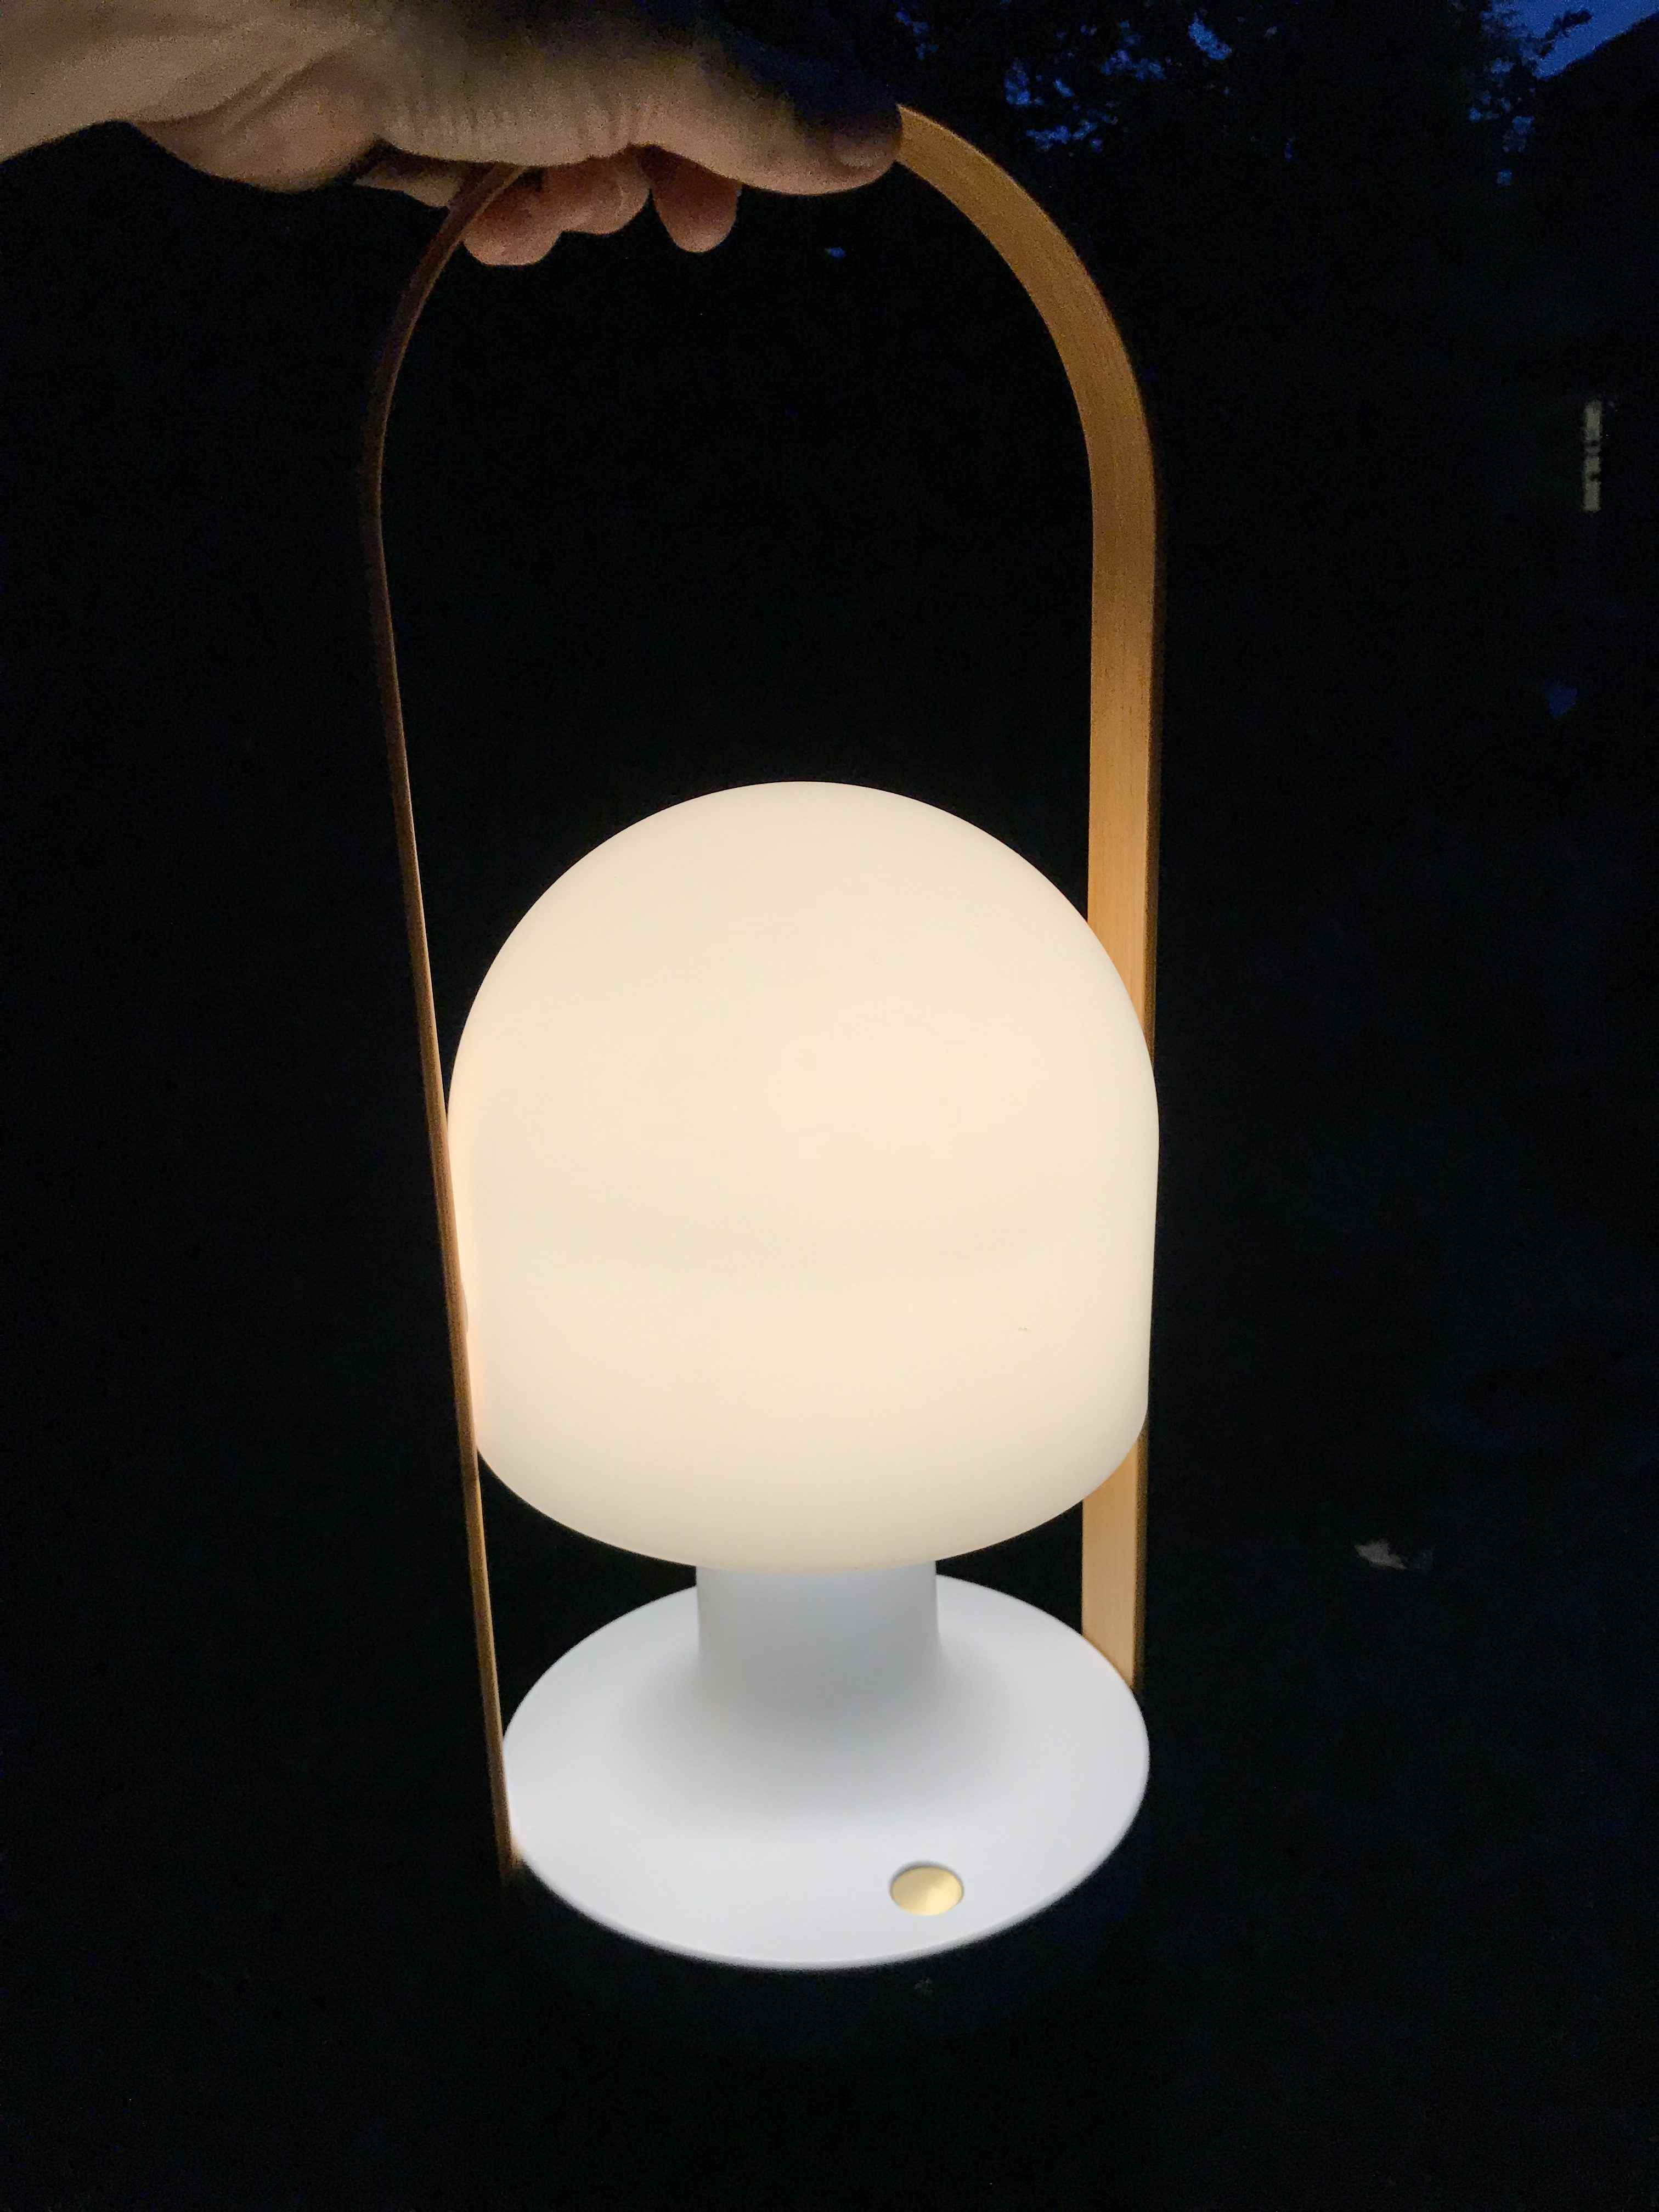 gro e akku tischlampe die eine gro e flexibilit t bietet. Black Bedroom Furniture Sets. Home Design Ideas